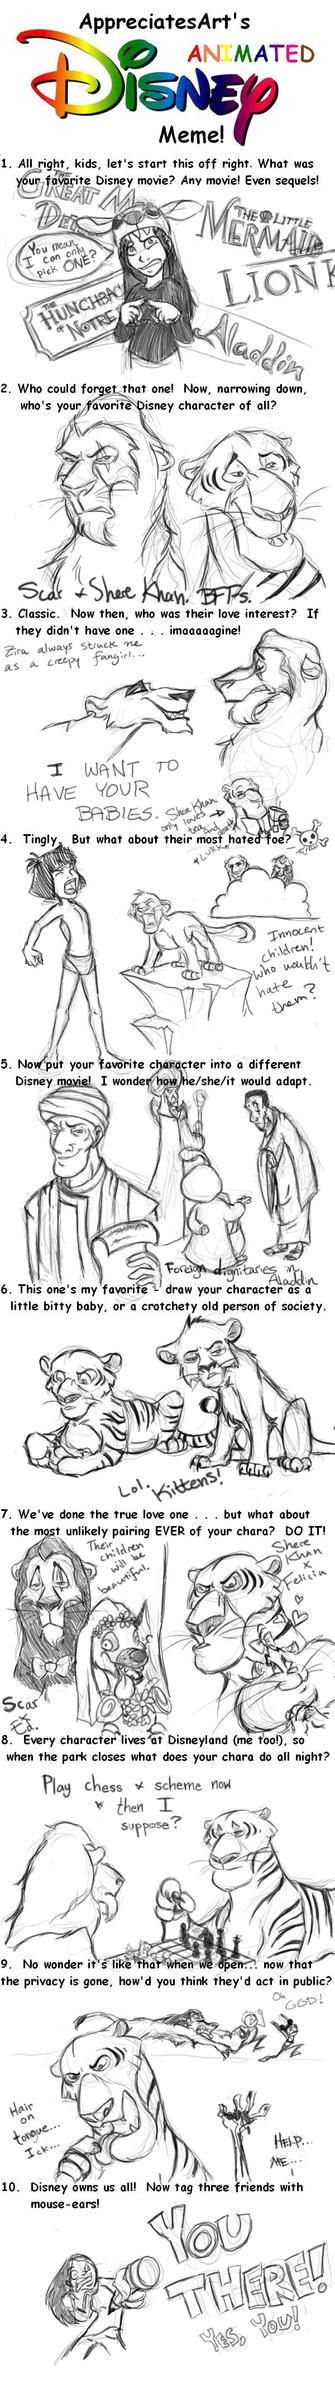 Disney Meme by HelenaSun